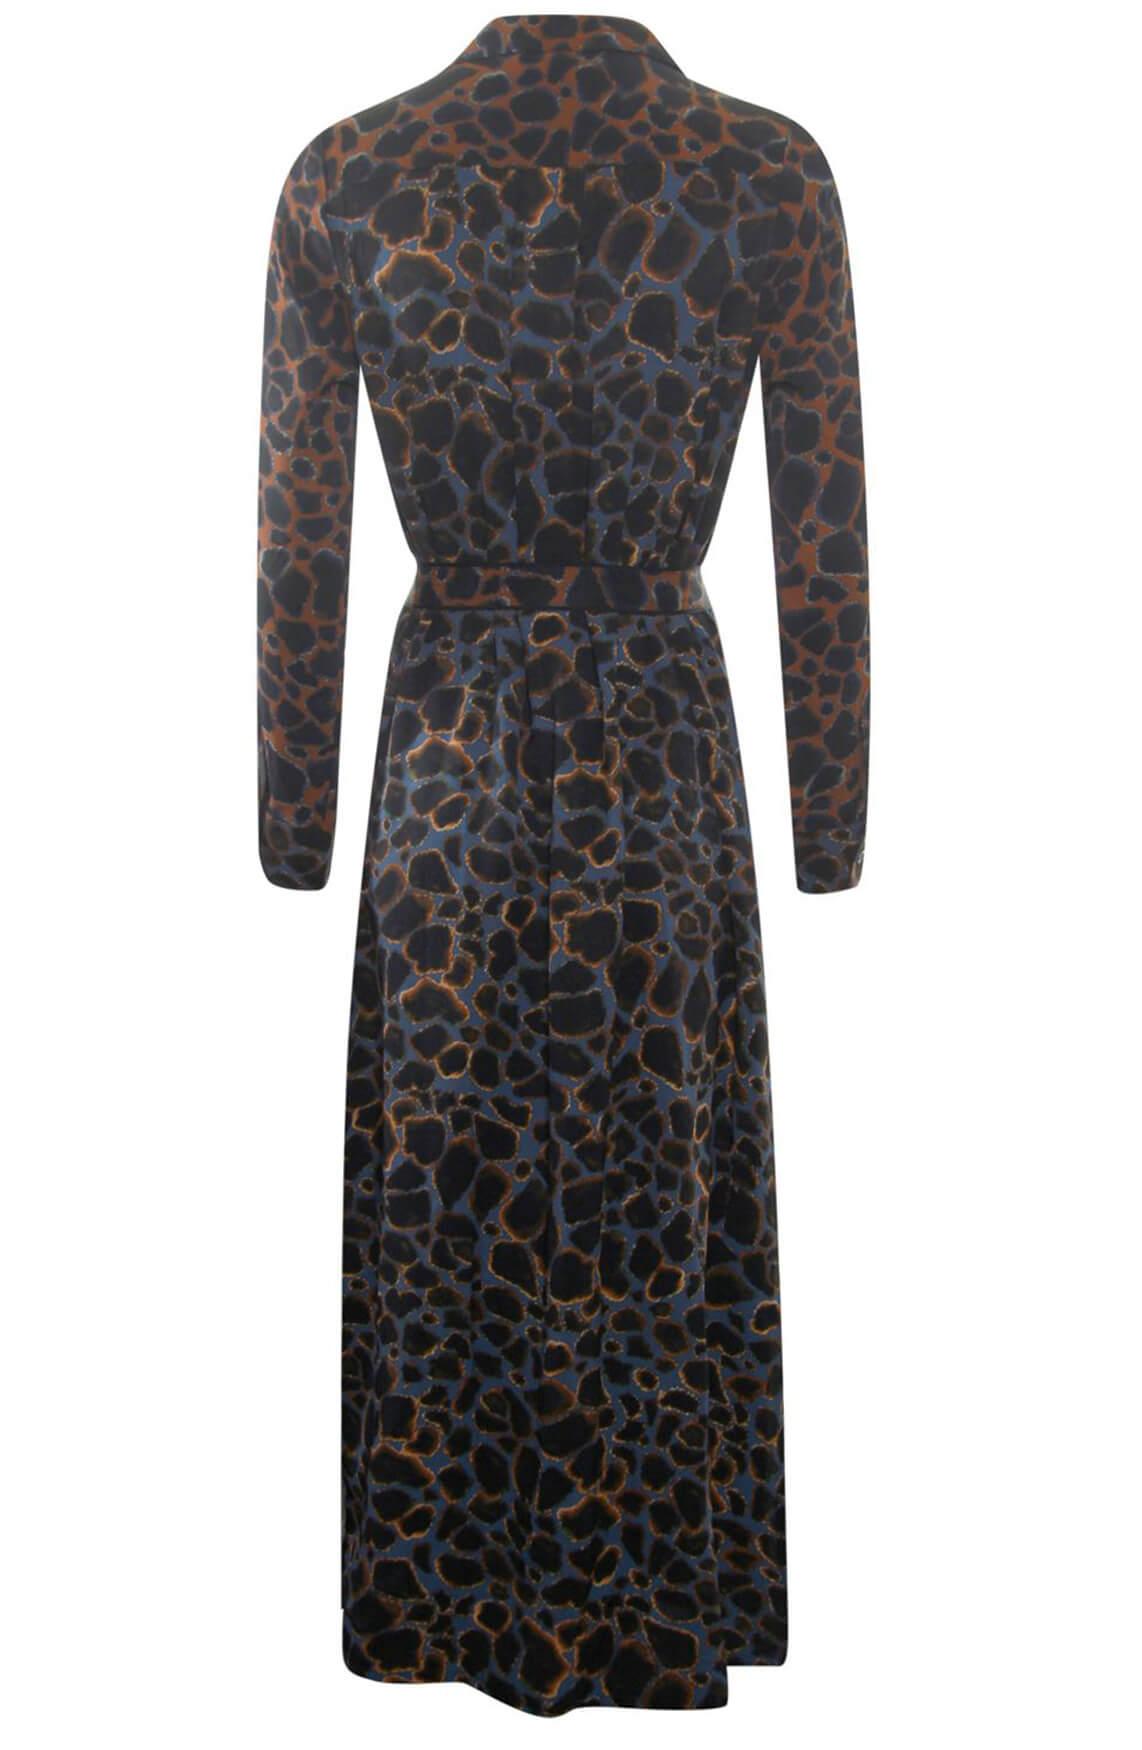 Poools Dames Leopard jurk Blauw